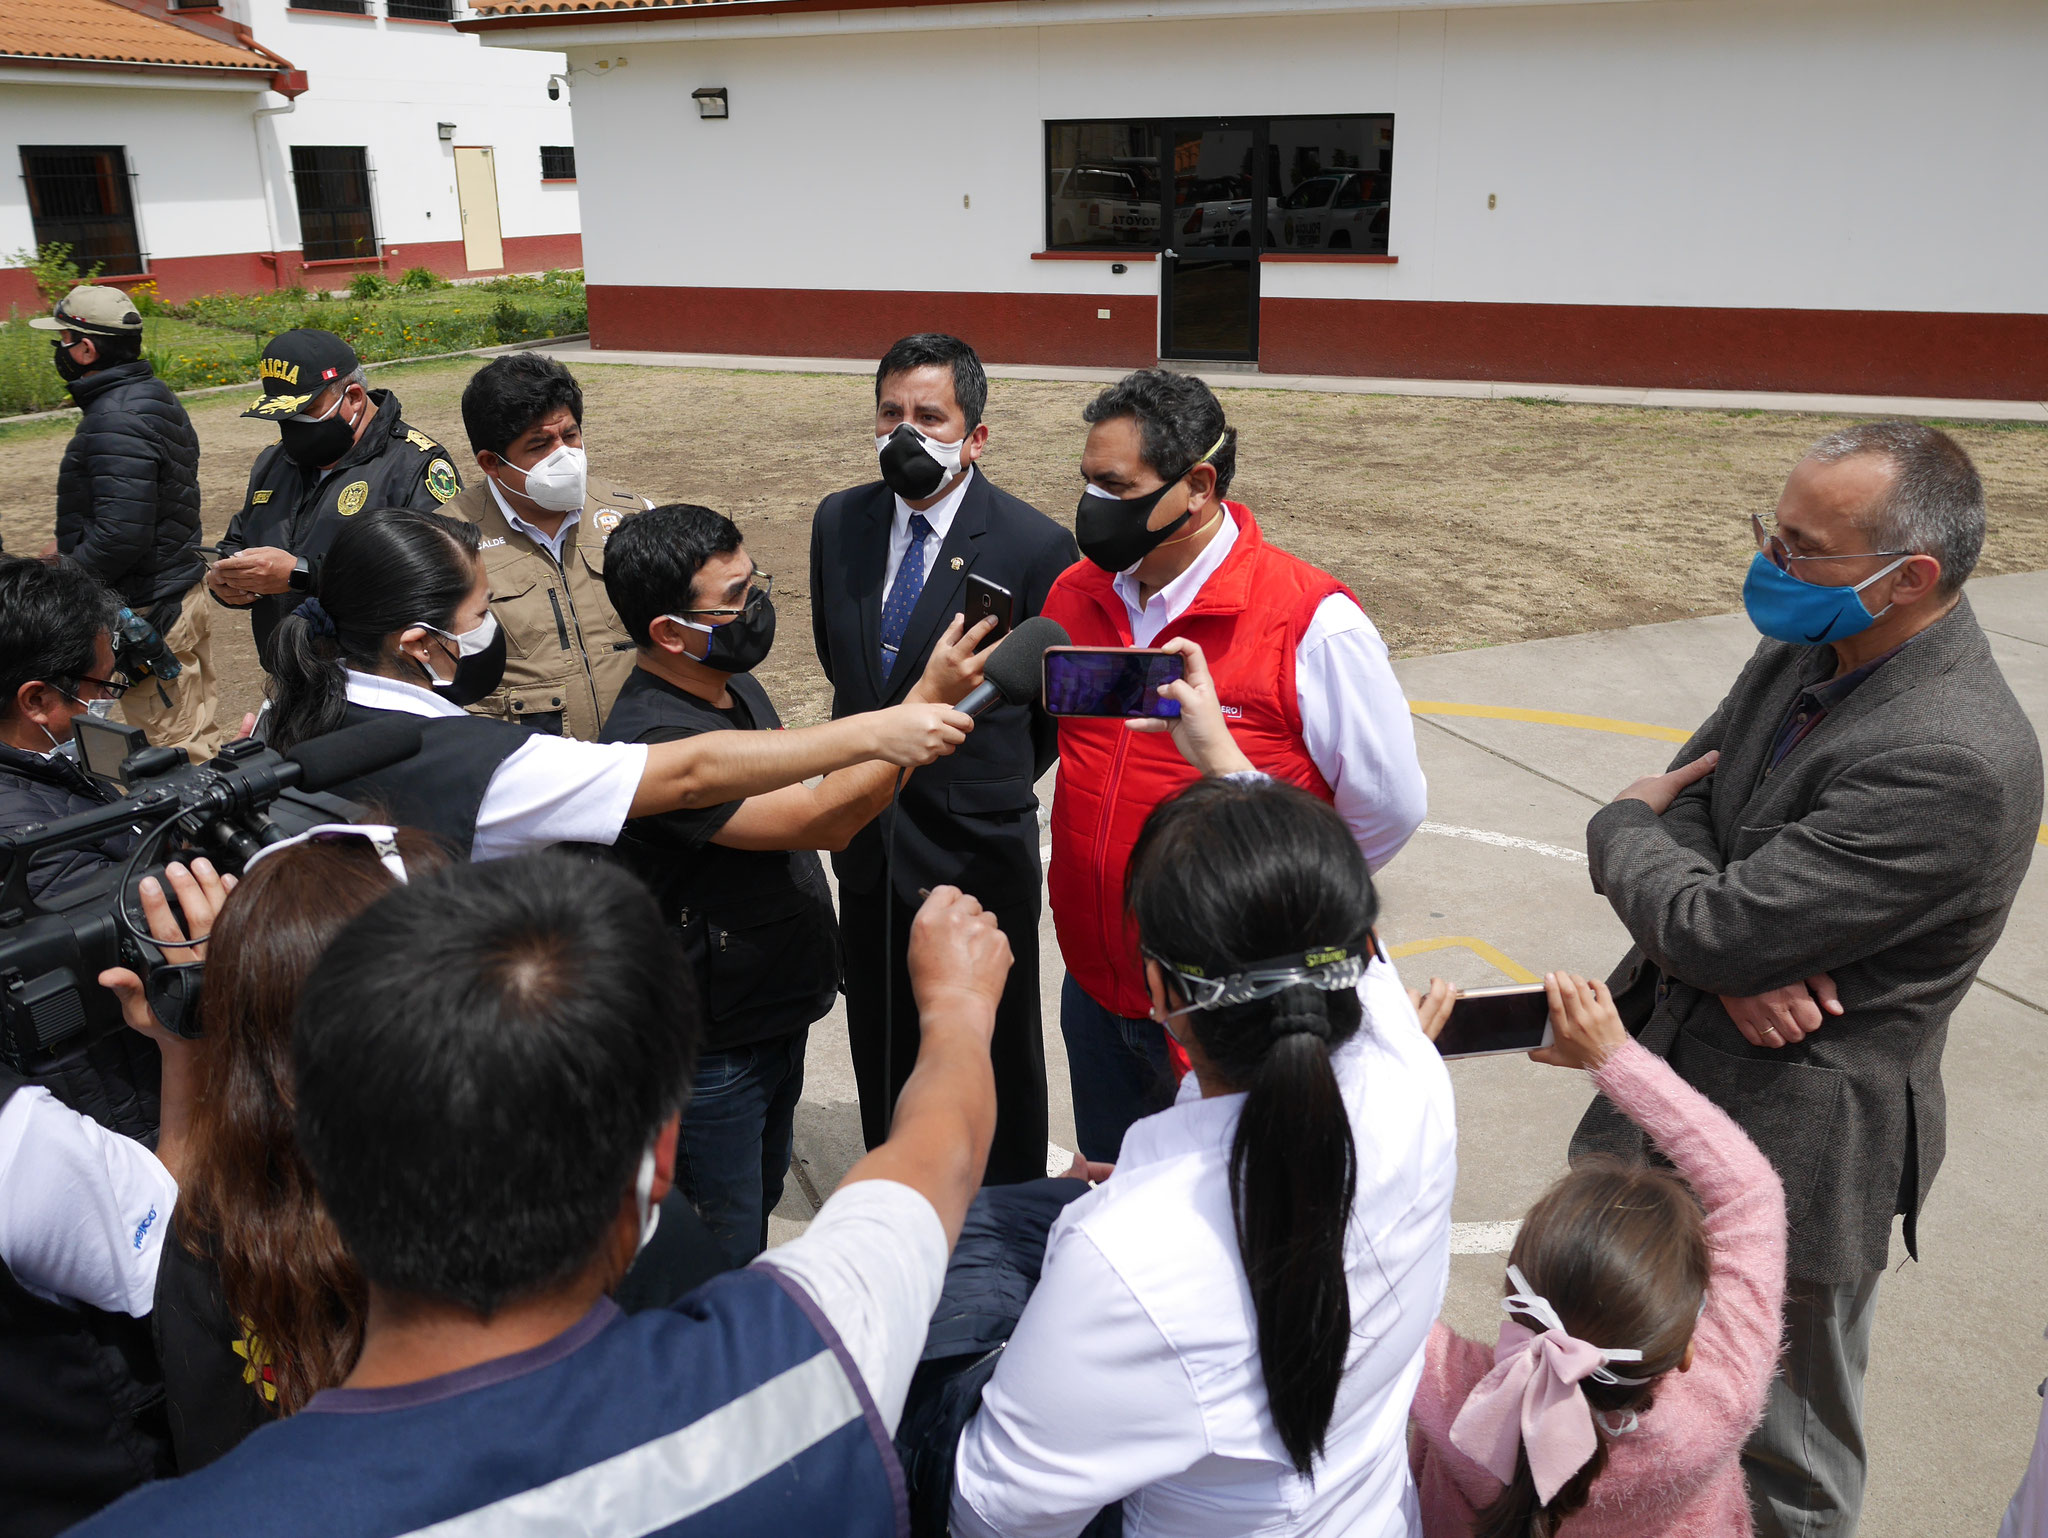 Der Minister im Interview. Eine Gunst der Politik für Diopsi erscheint wichtig. Der sozialistische Abgeordneten links neben dem Minister im Bild will private Krankenhäuser wie Diospi Suyana enteignen.